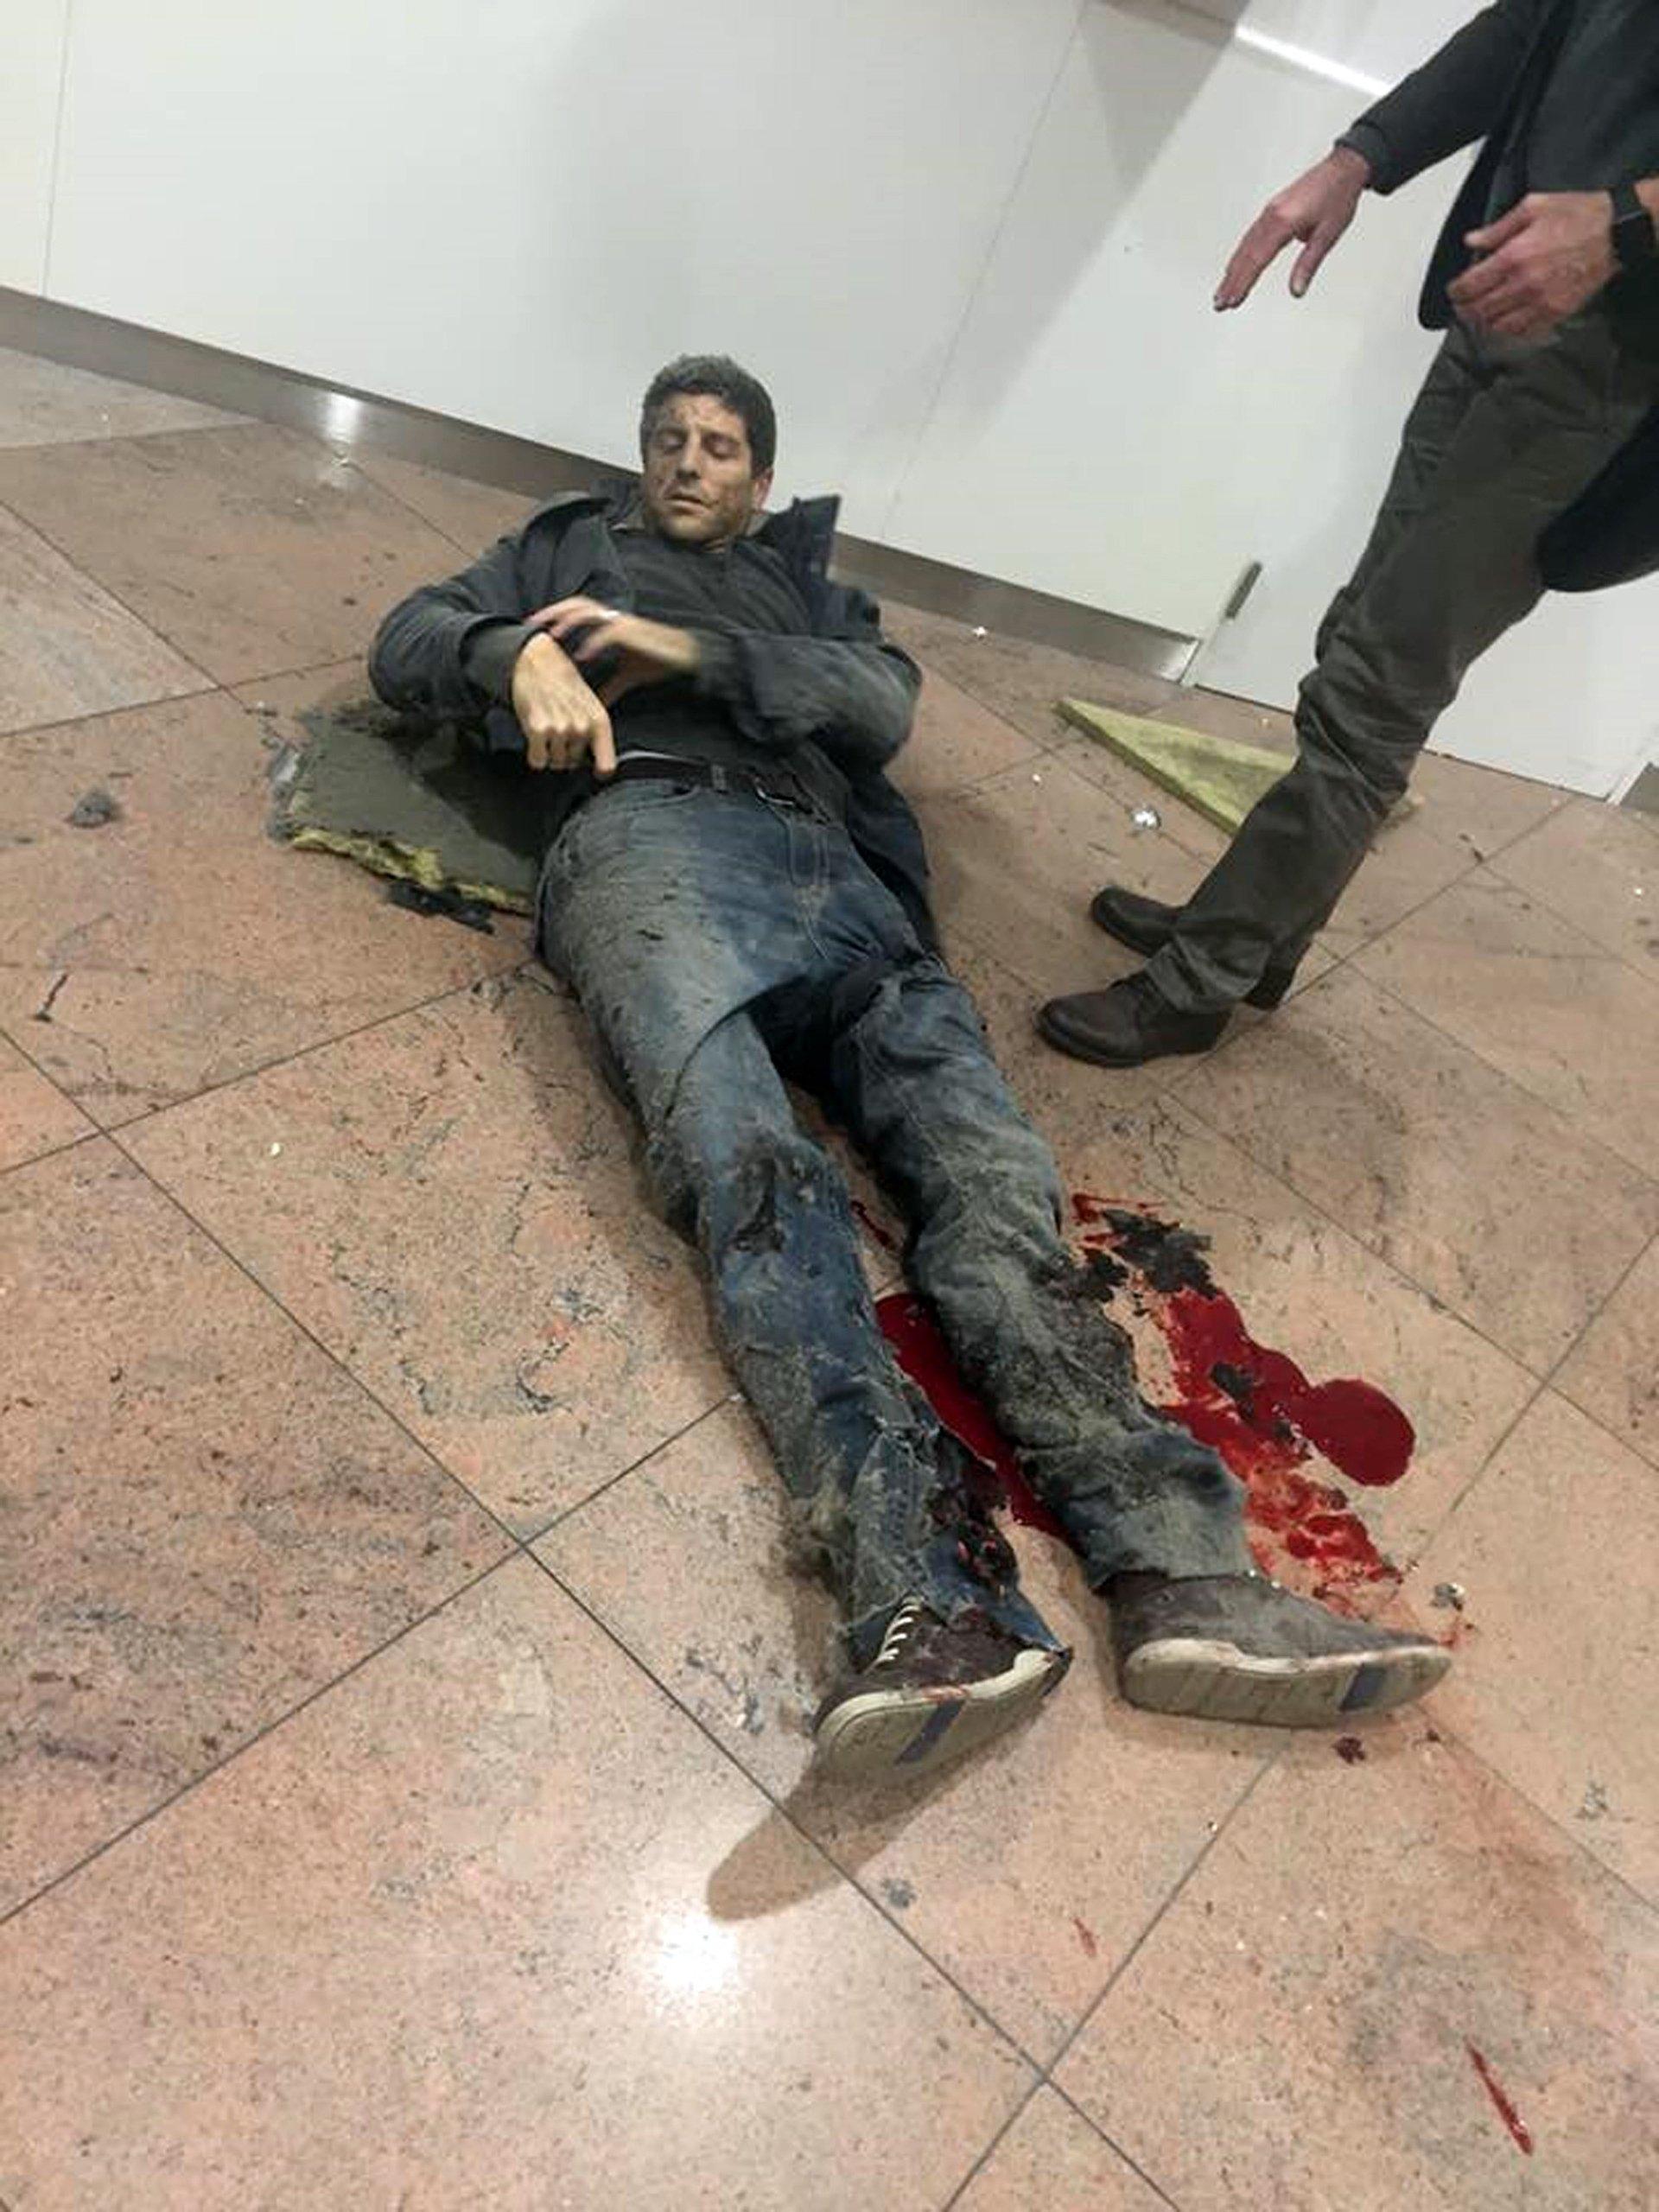 Un hombre herido espera por asistencia médica en el aeropuerto de Bruselas